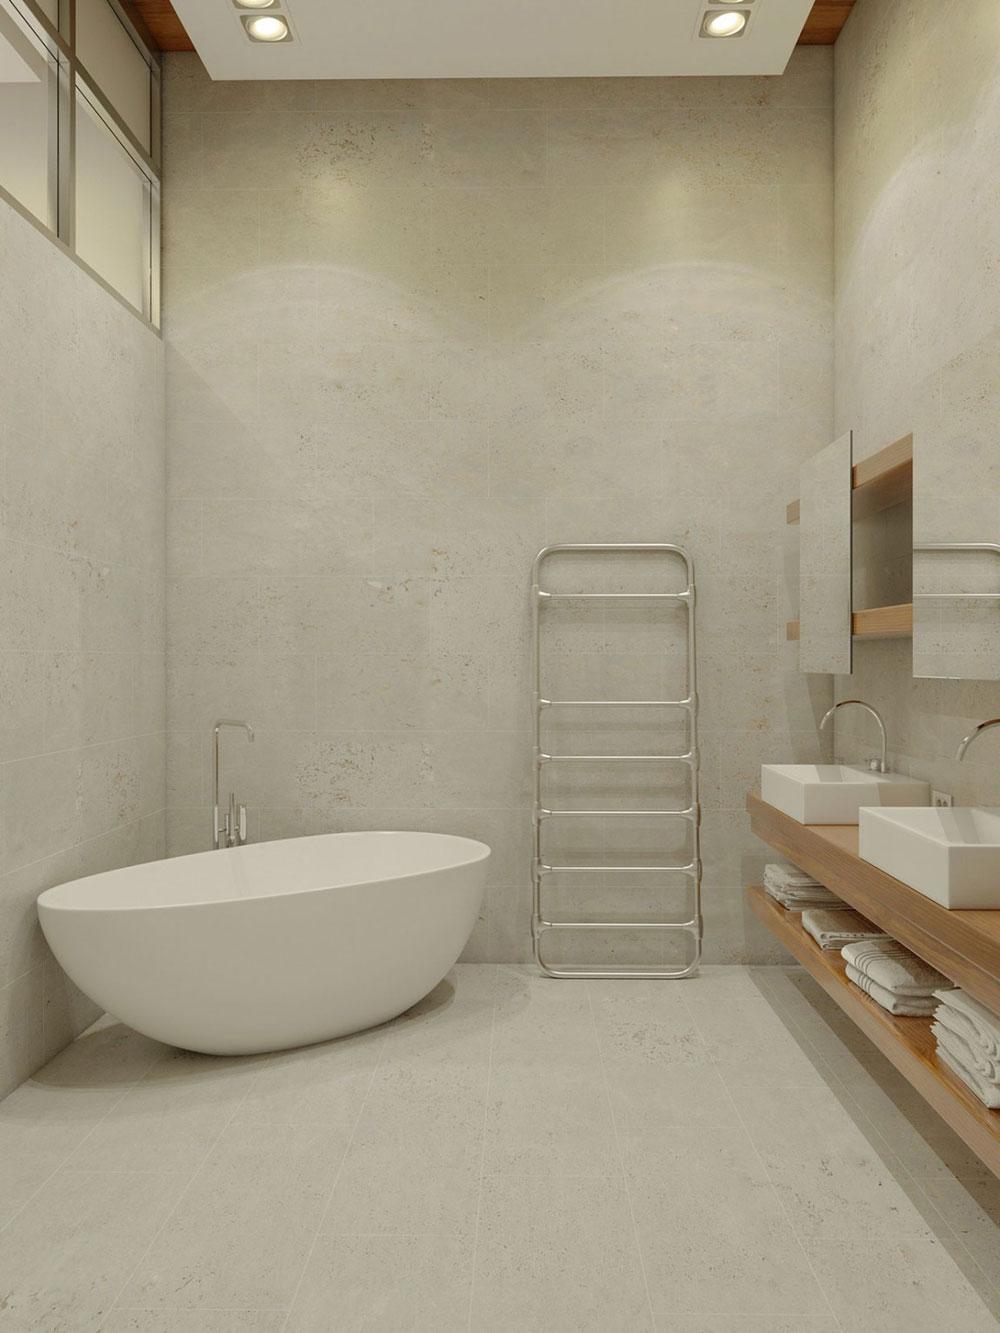 Letar du efter inspiration för modern badrumsinredning 5 Letar du efter inspiration för modern badrumsinredning?